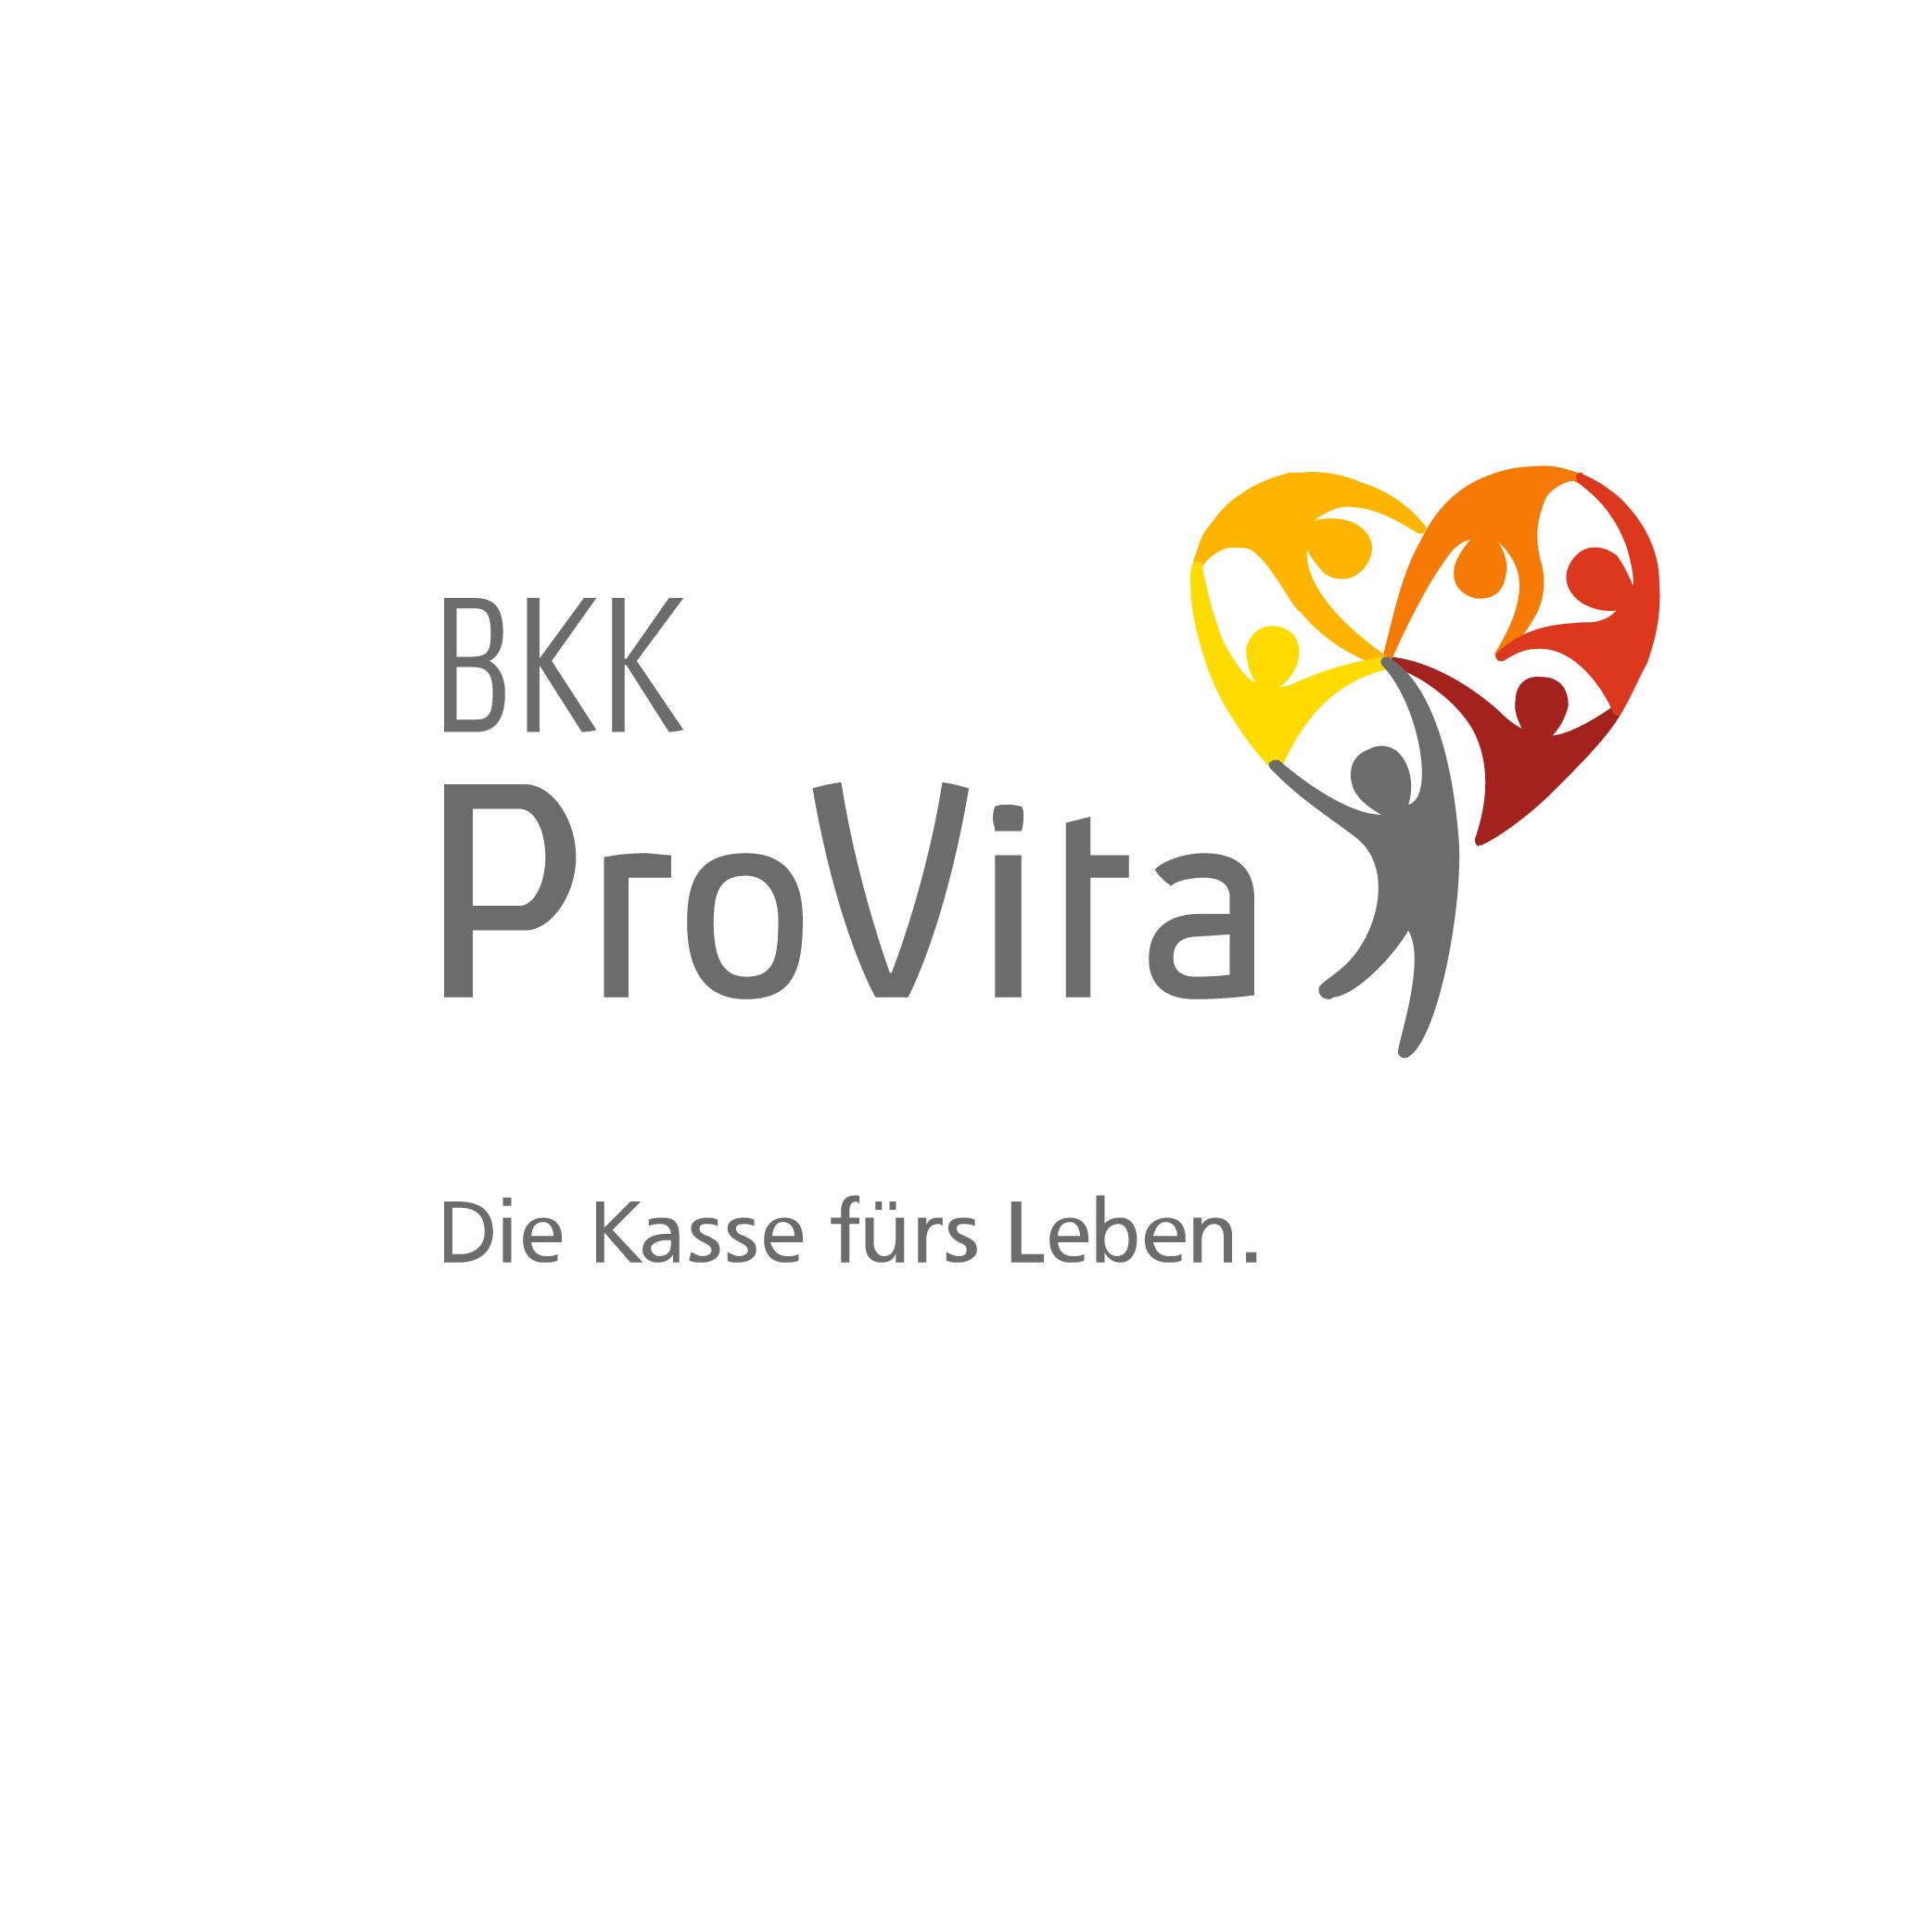 Markenzeichen der BKK ProVita